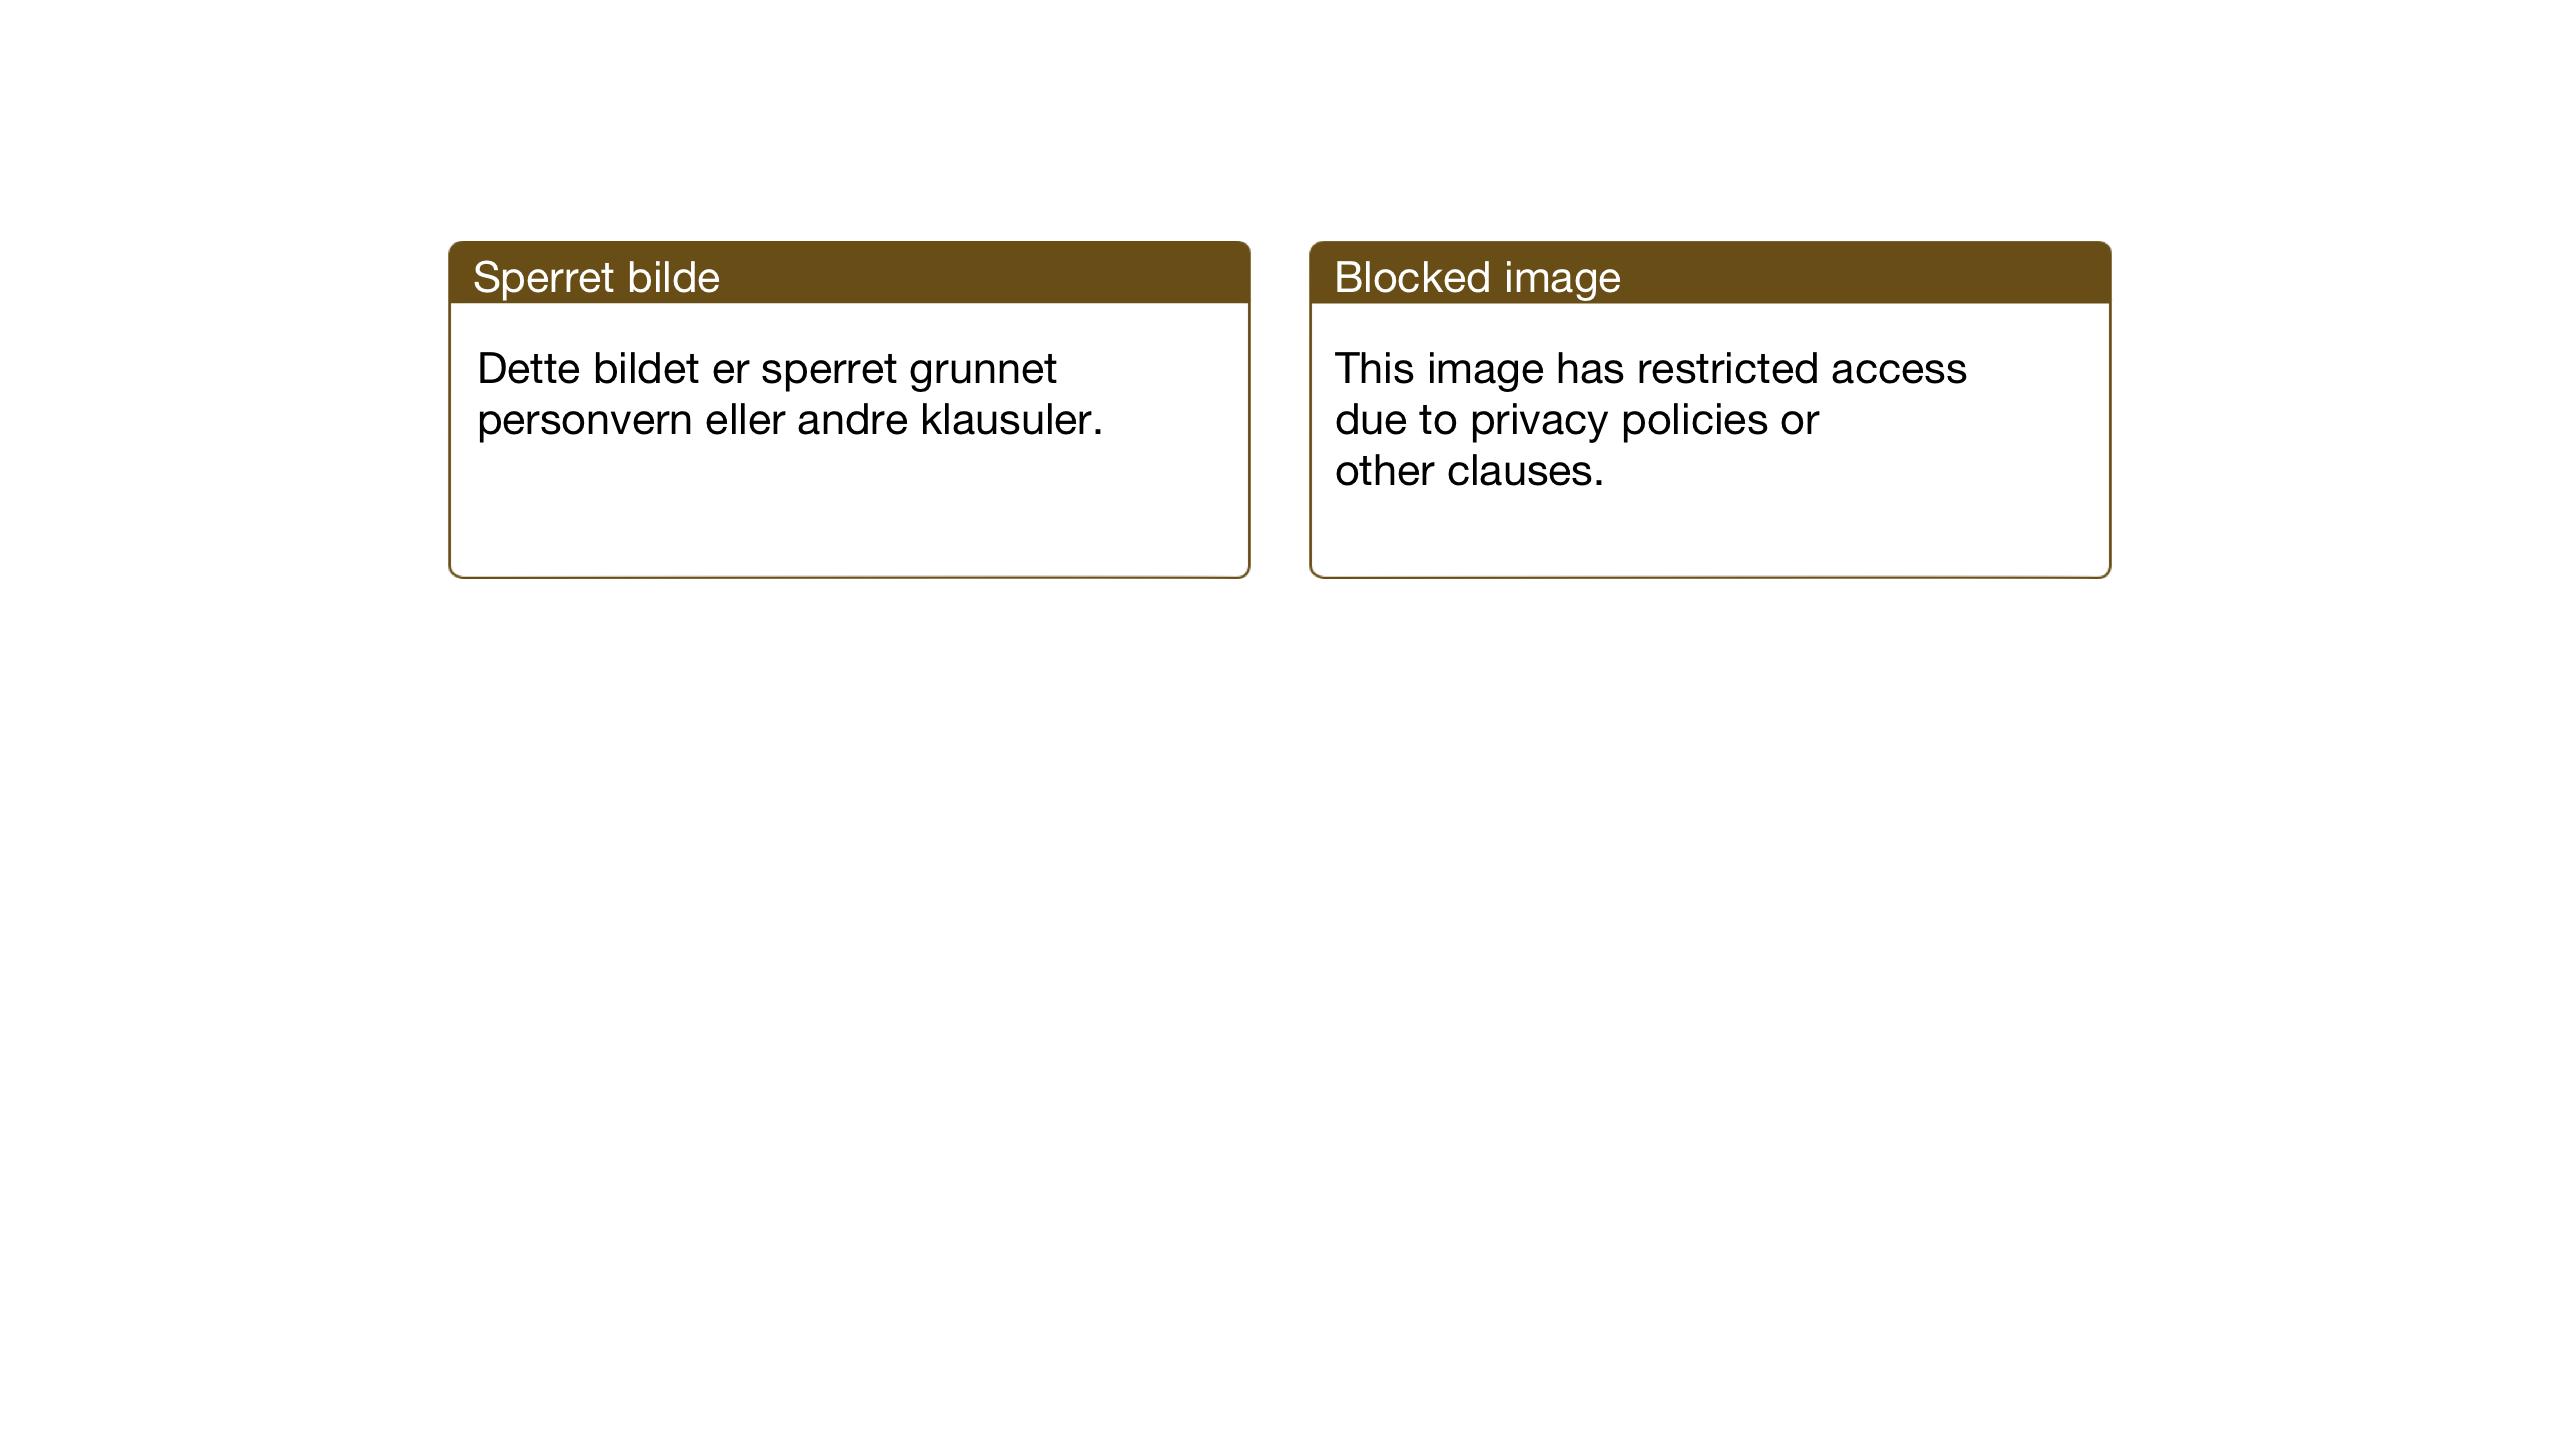 SAT, Ministerialprotokoller, klokkerbøker og fødselsregistre - Nord-Trøndelag, 720/L0193: Klokkerbok nr. 720C02, 1918-1941, s. 46